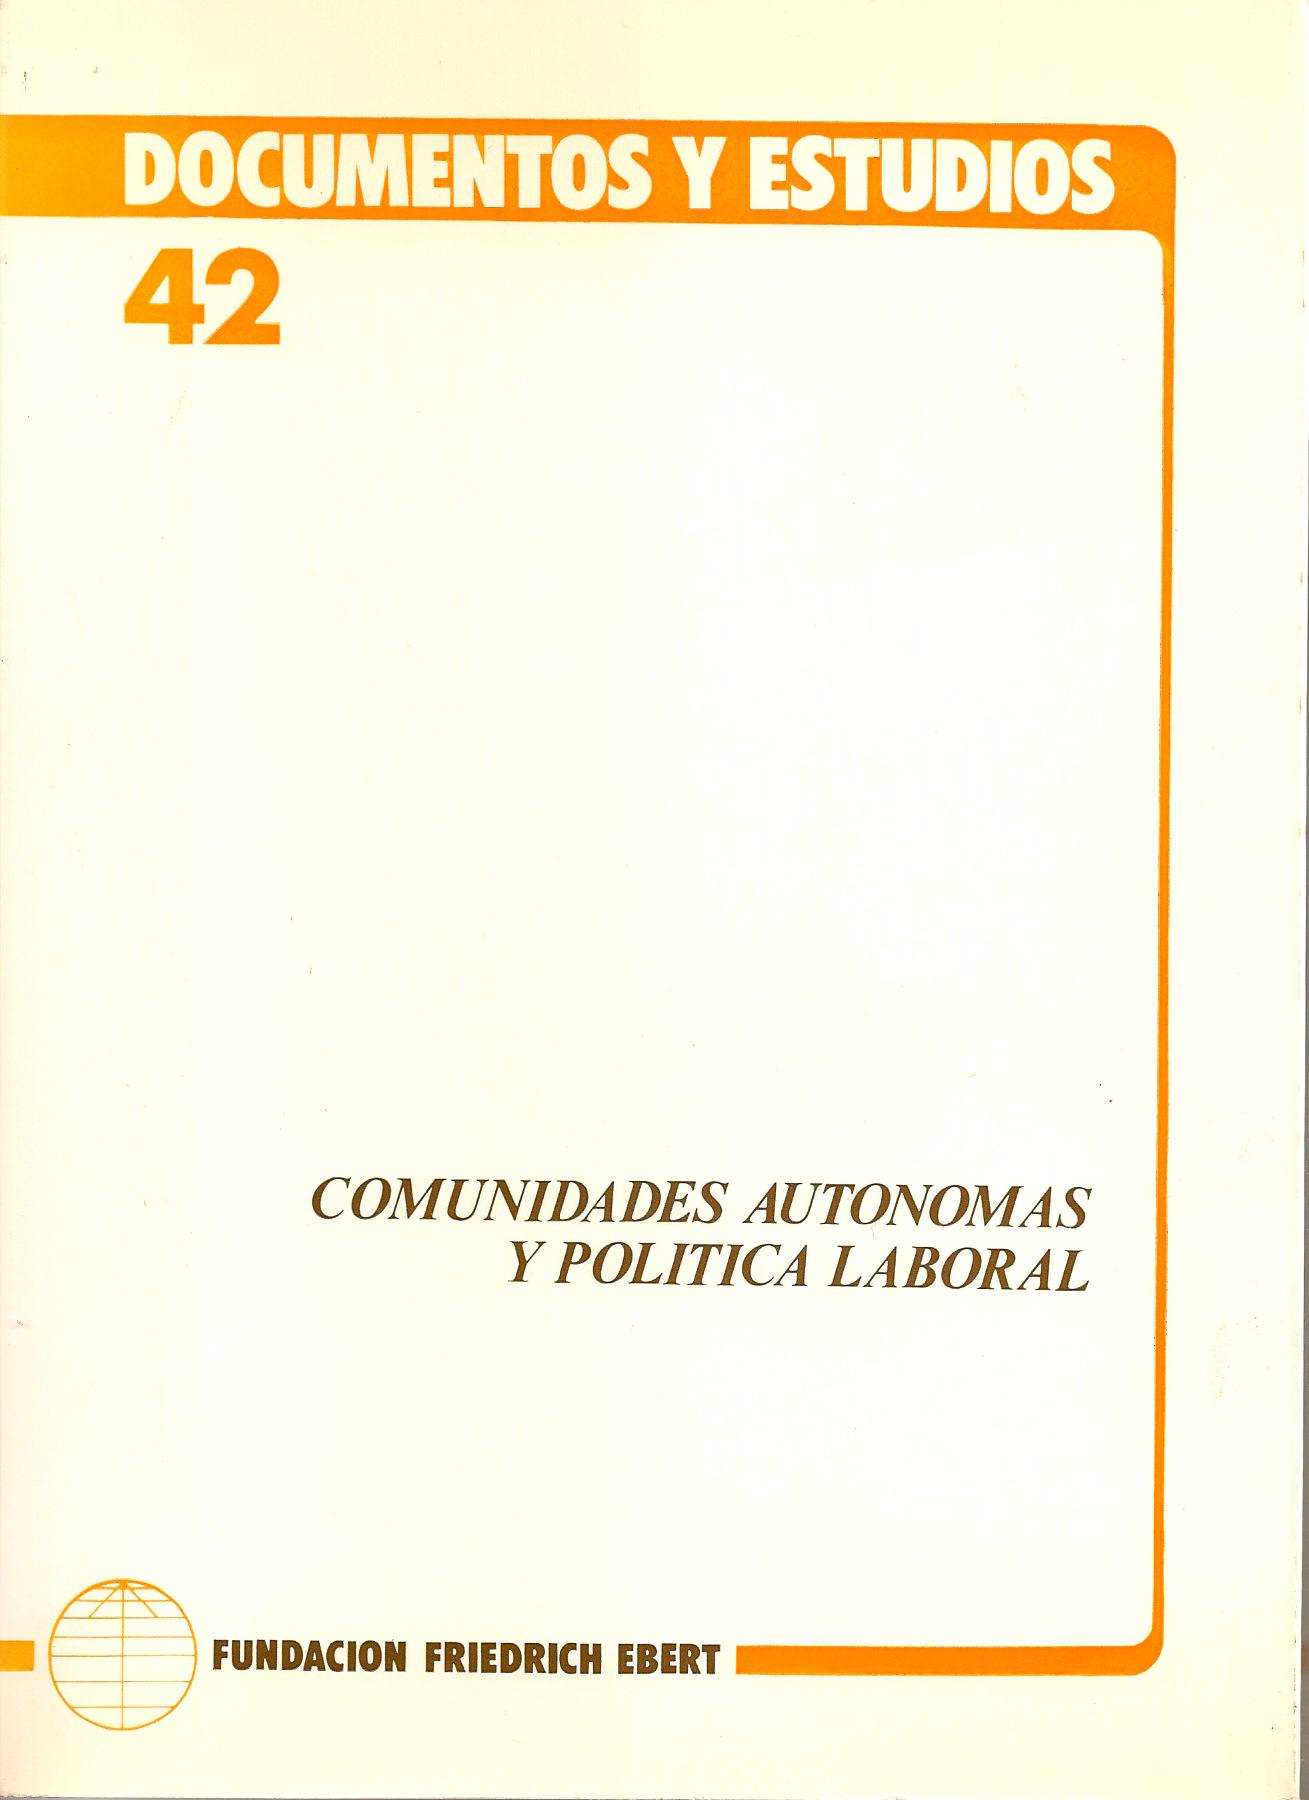 Comunidades autónomas y política laboral